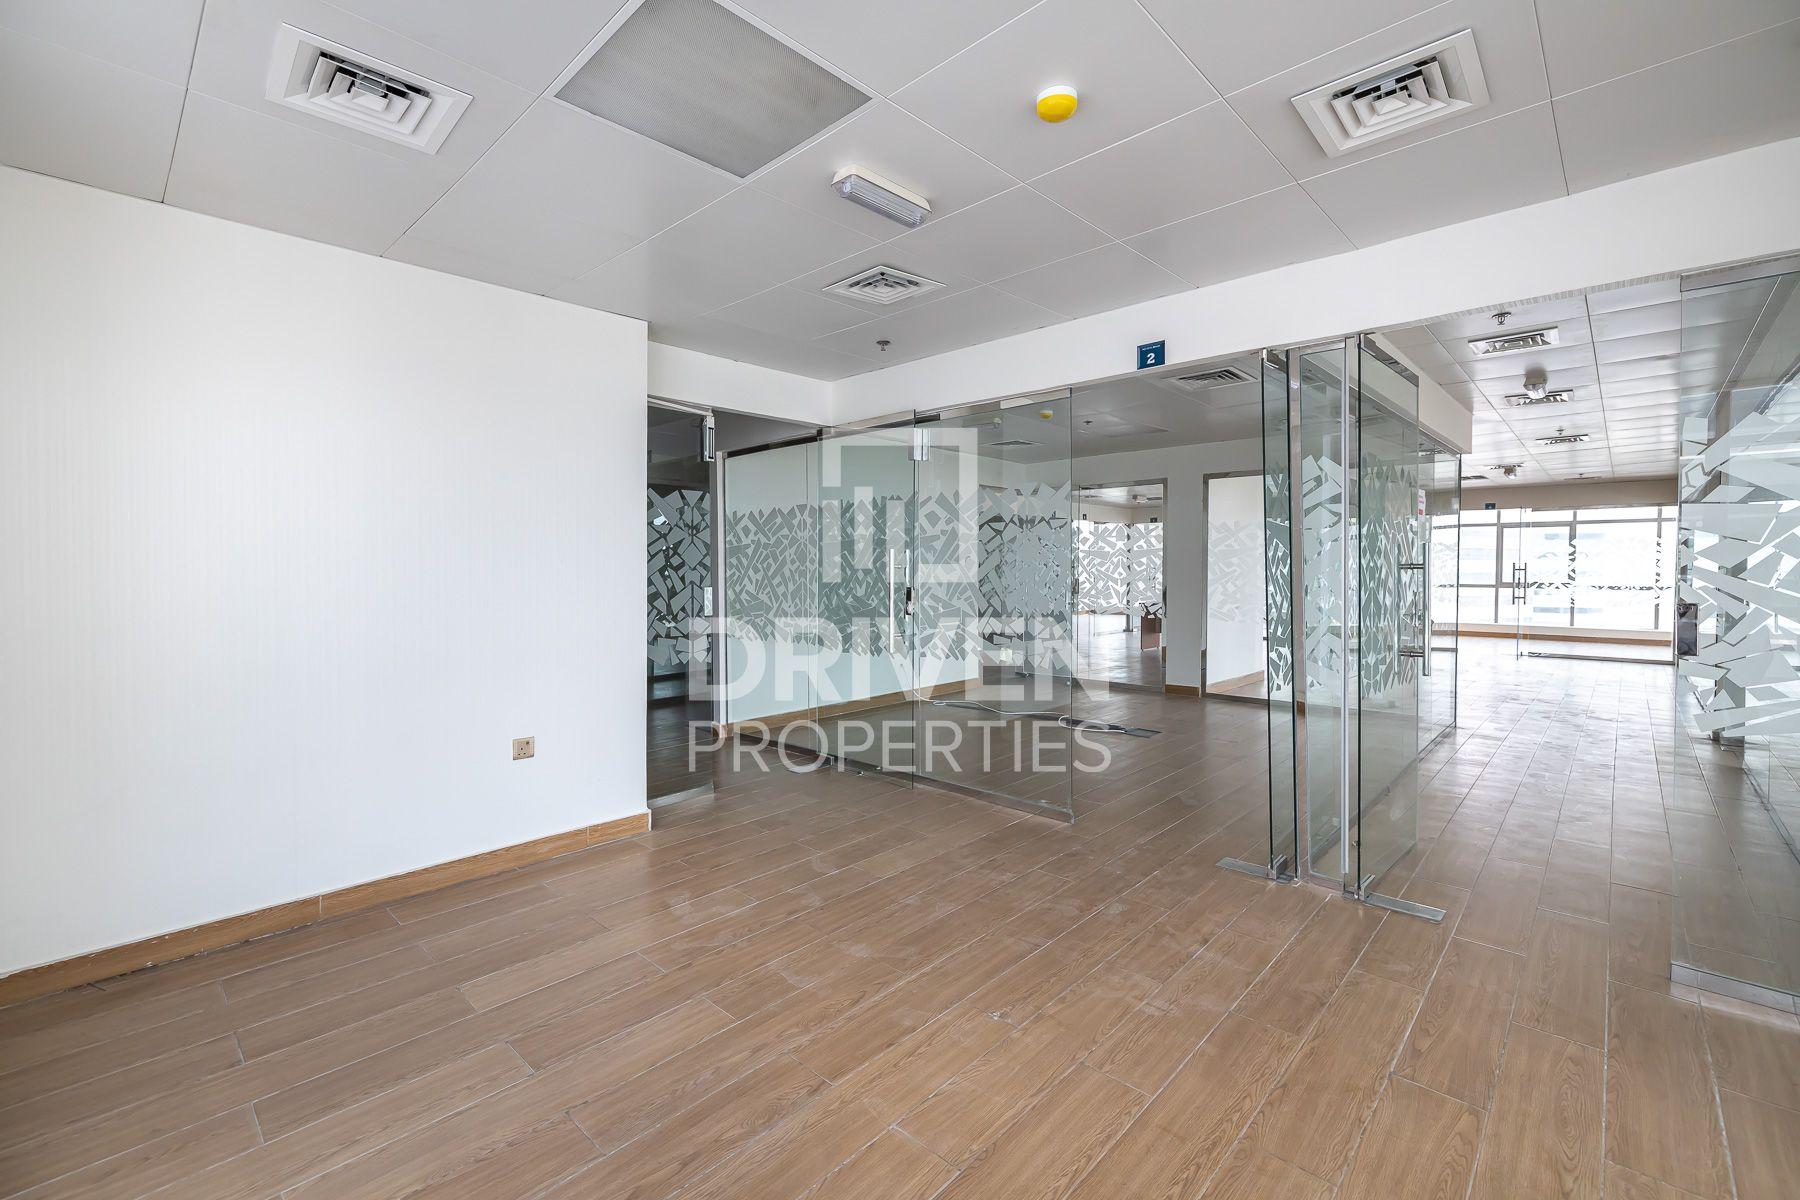 4,106 قدم مربع  مكتب - للايجار - مجمع دبي للإستثمار